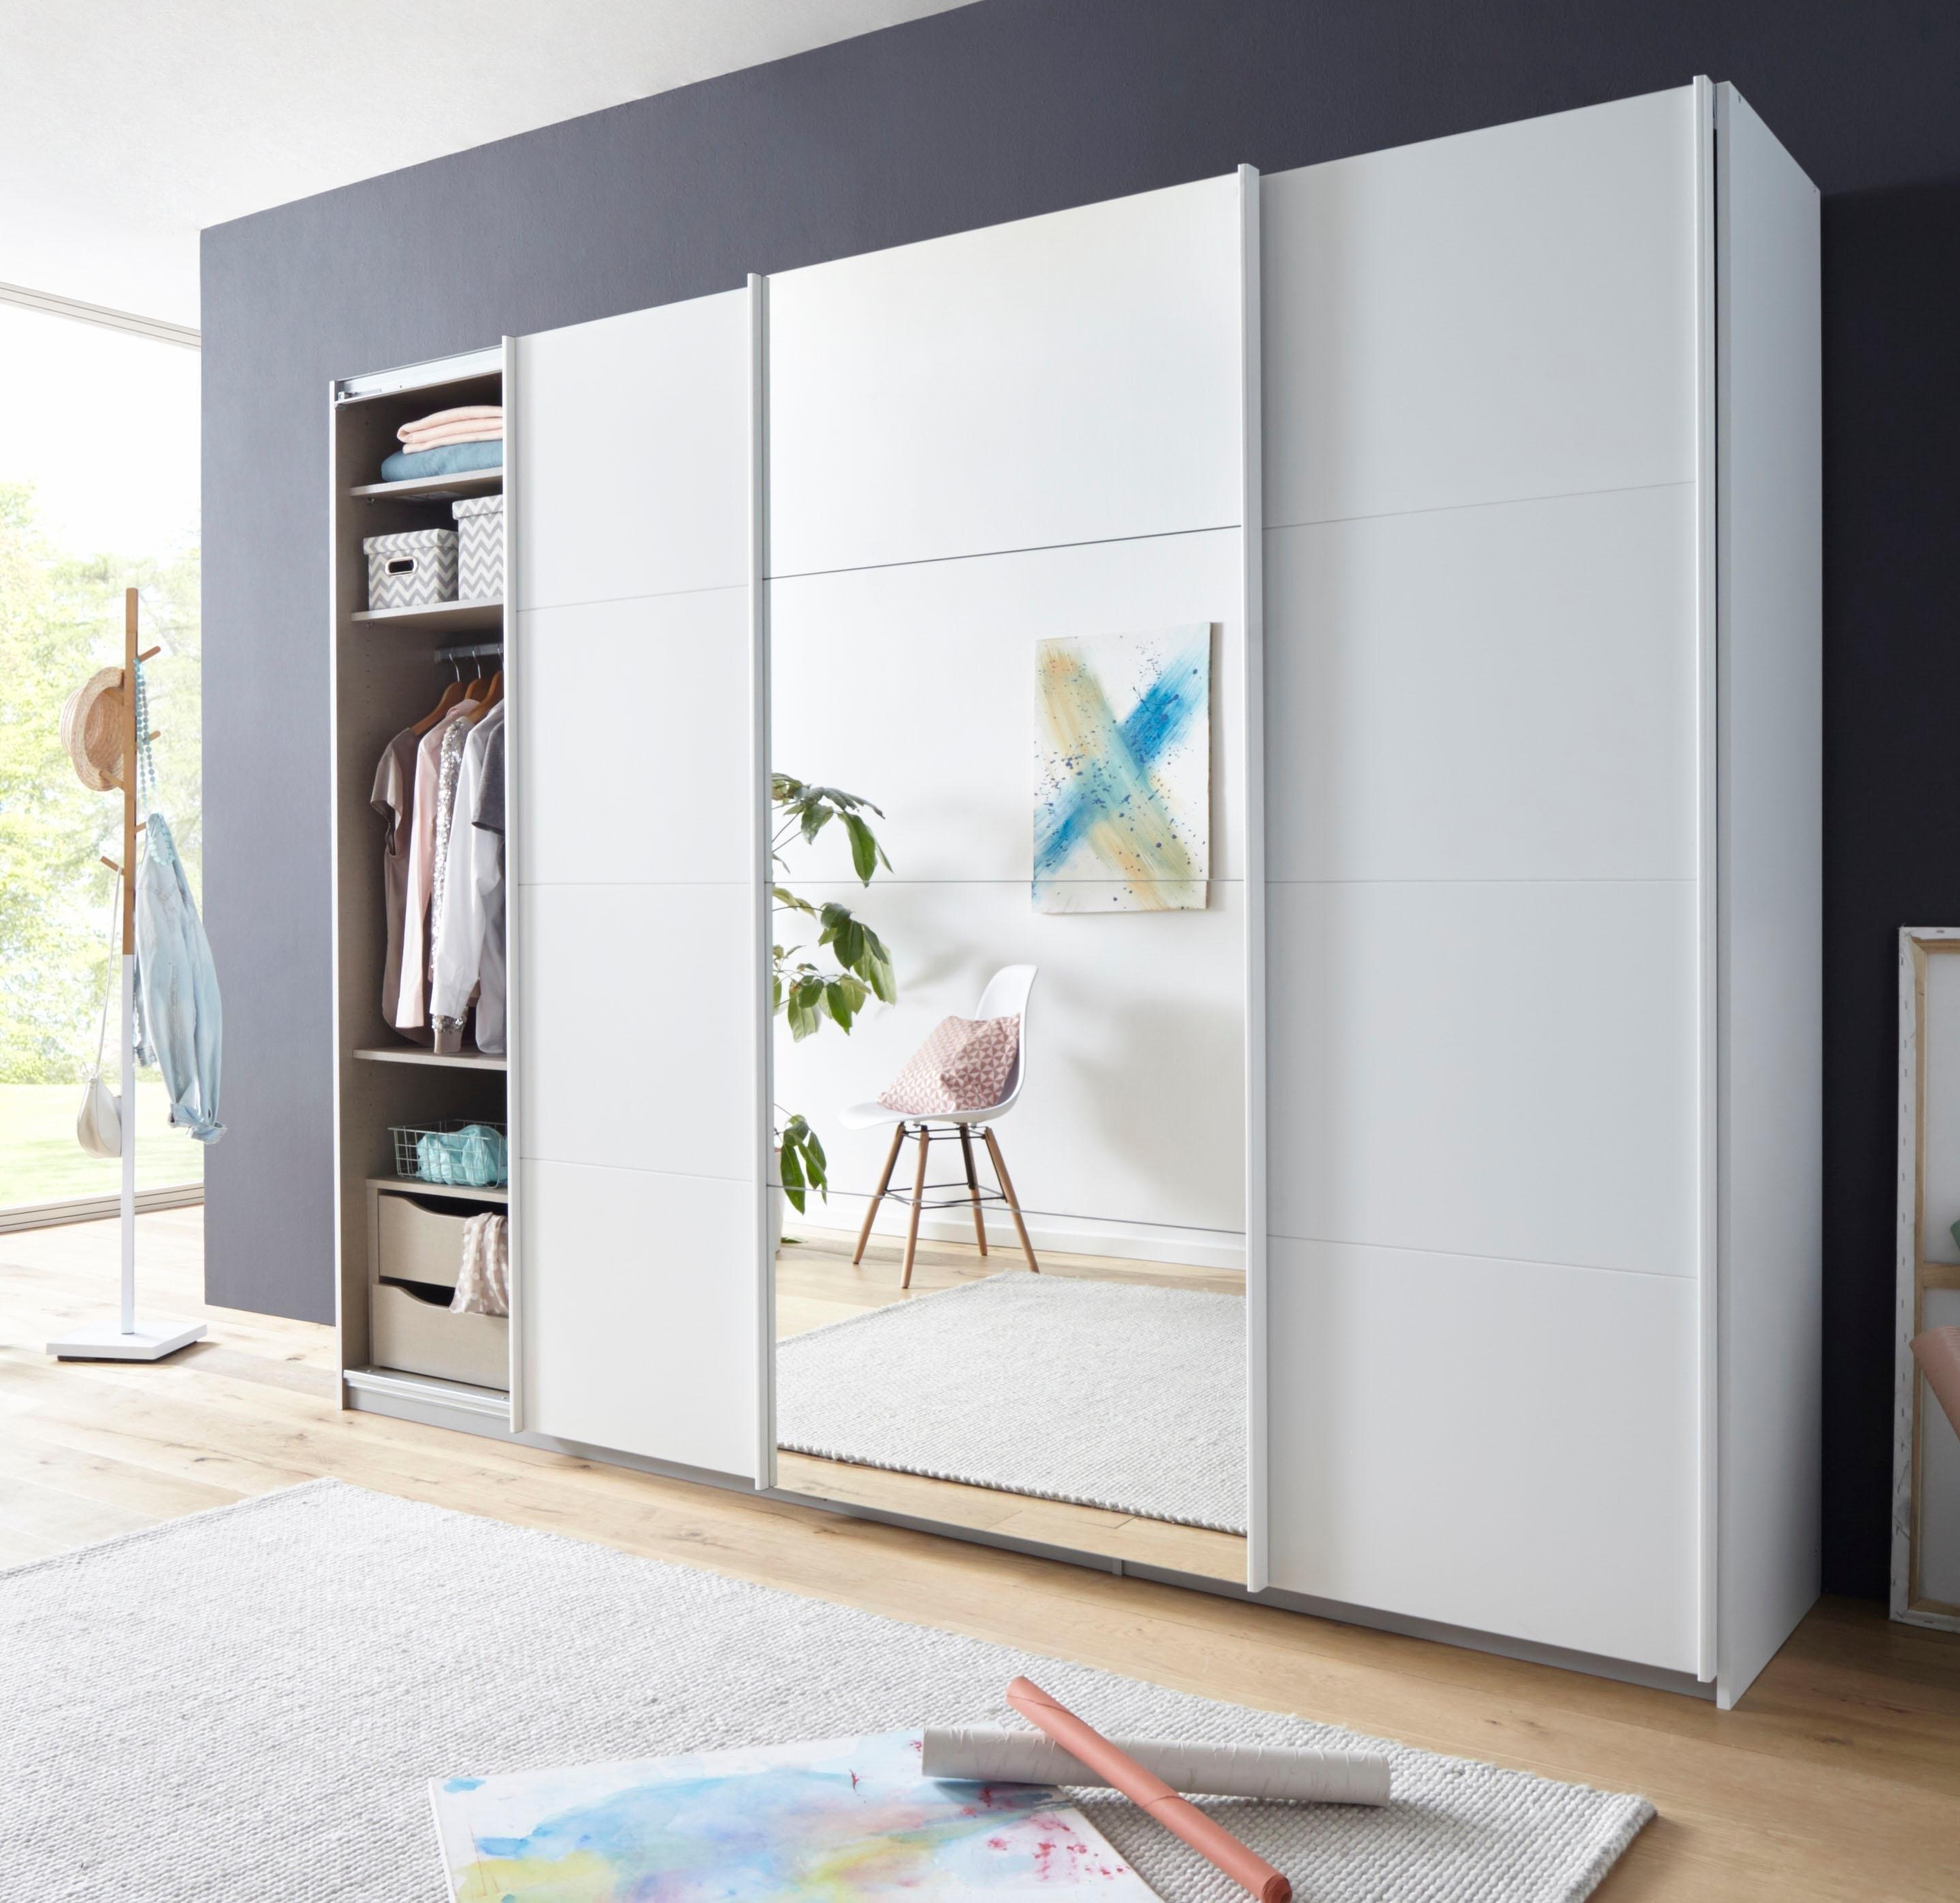 RAUCH zweefdeurkast »Tubona«, inclusief lade-inzet en losse planken nu online kopen bij OTTO